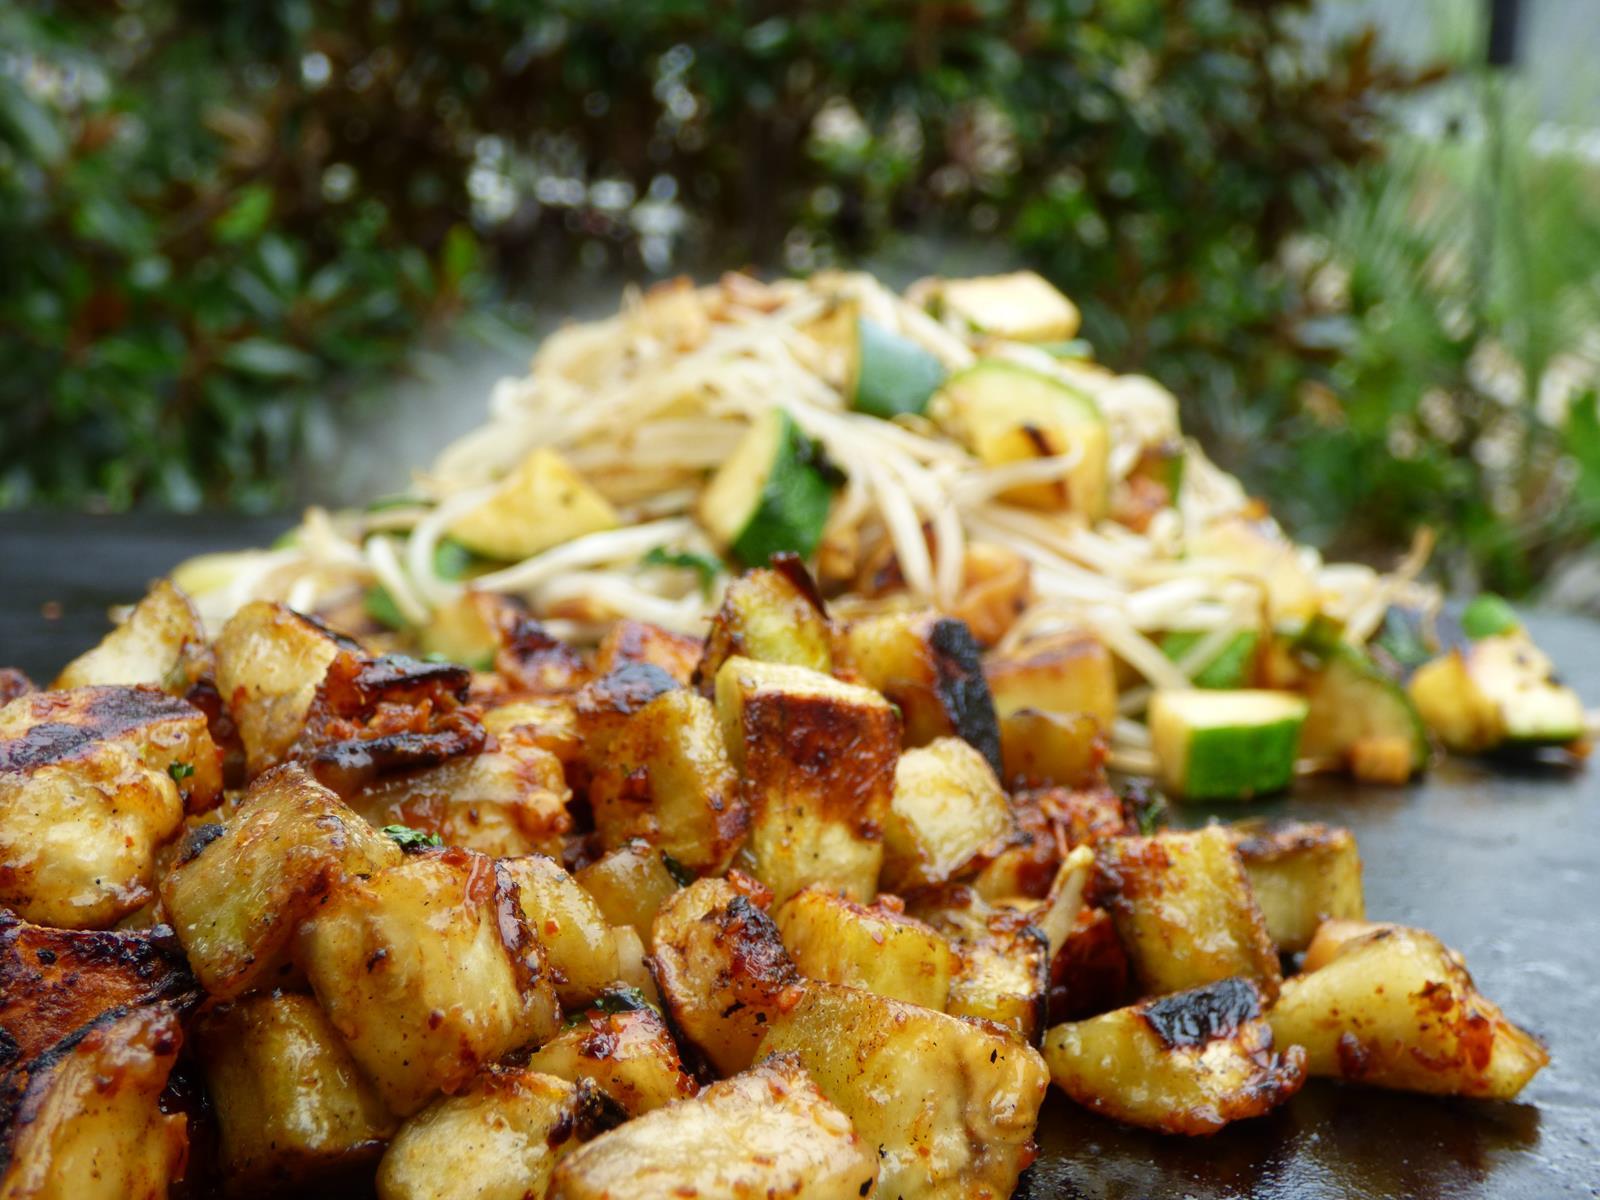 szechuan-eggplant-on-the-evo-grill